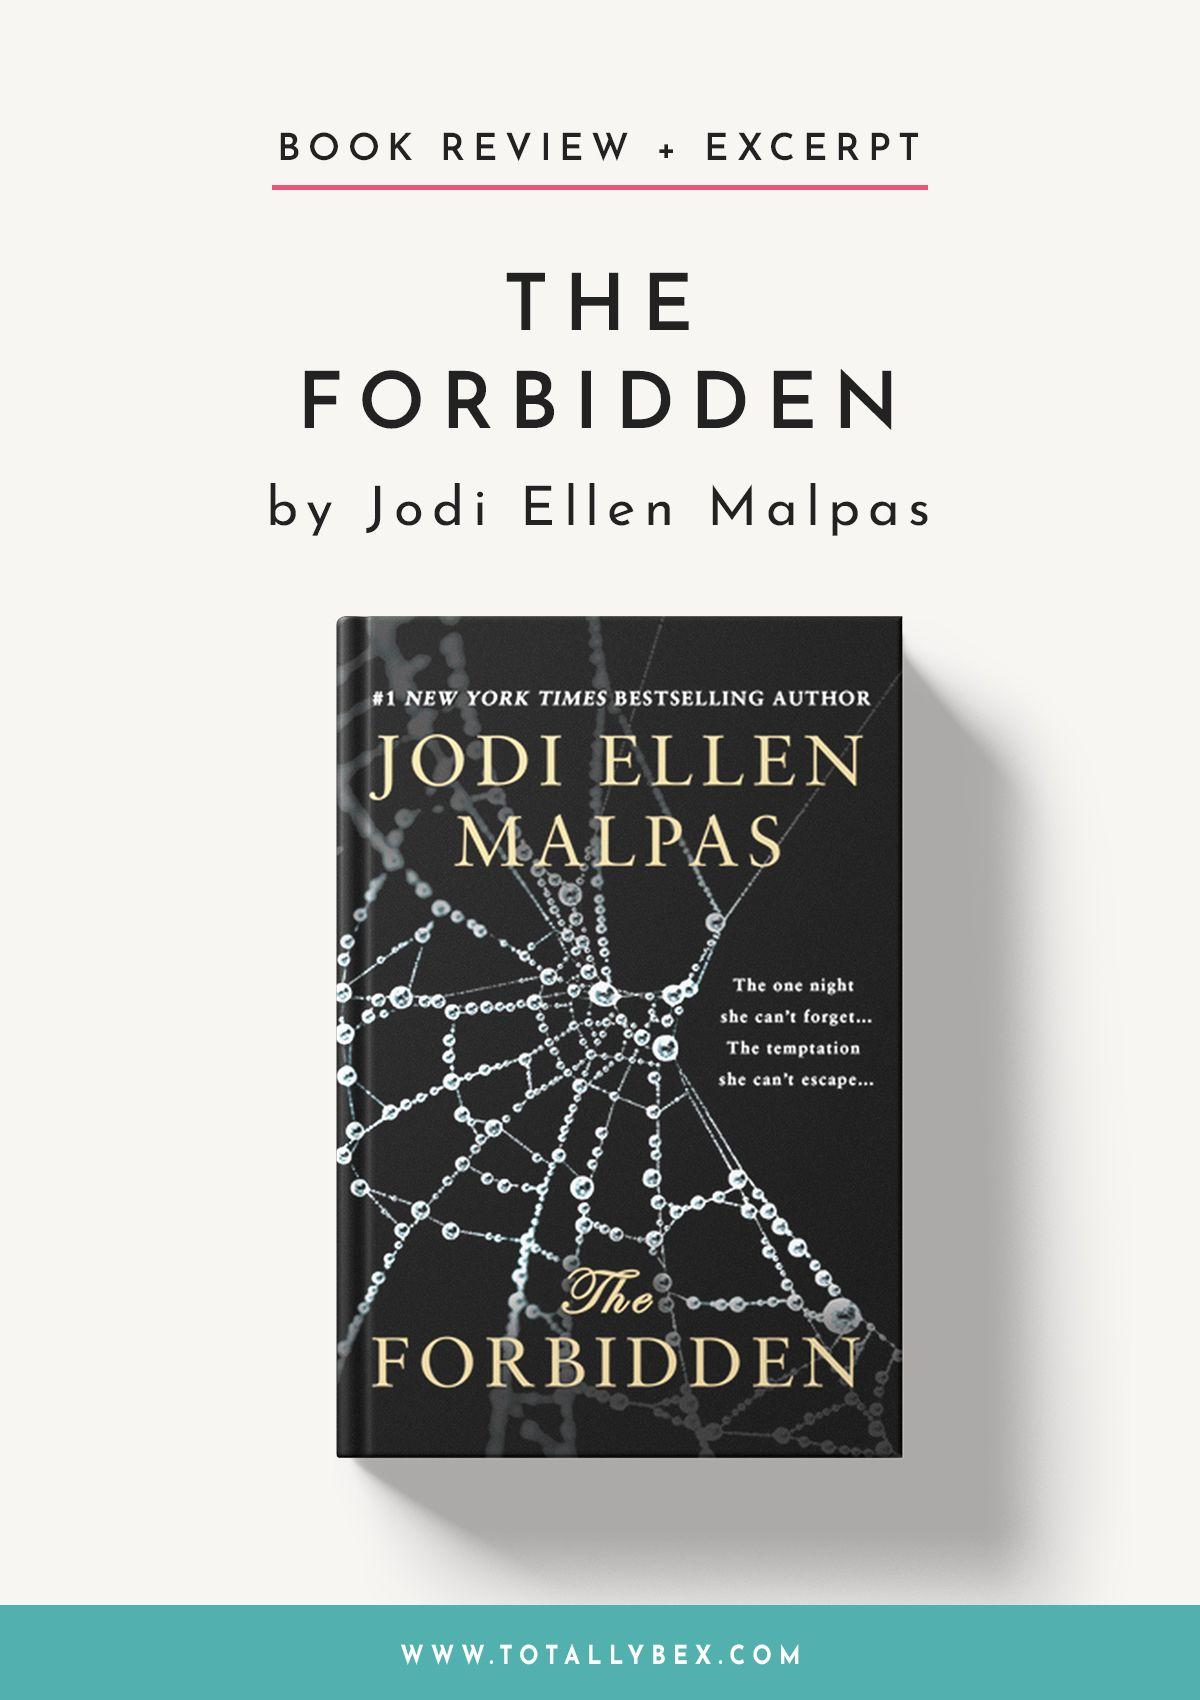 24+ Jodi ellen malpas books in order ideas in 2021